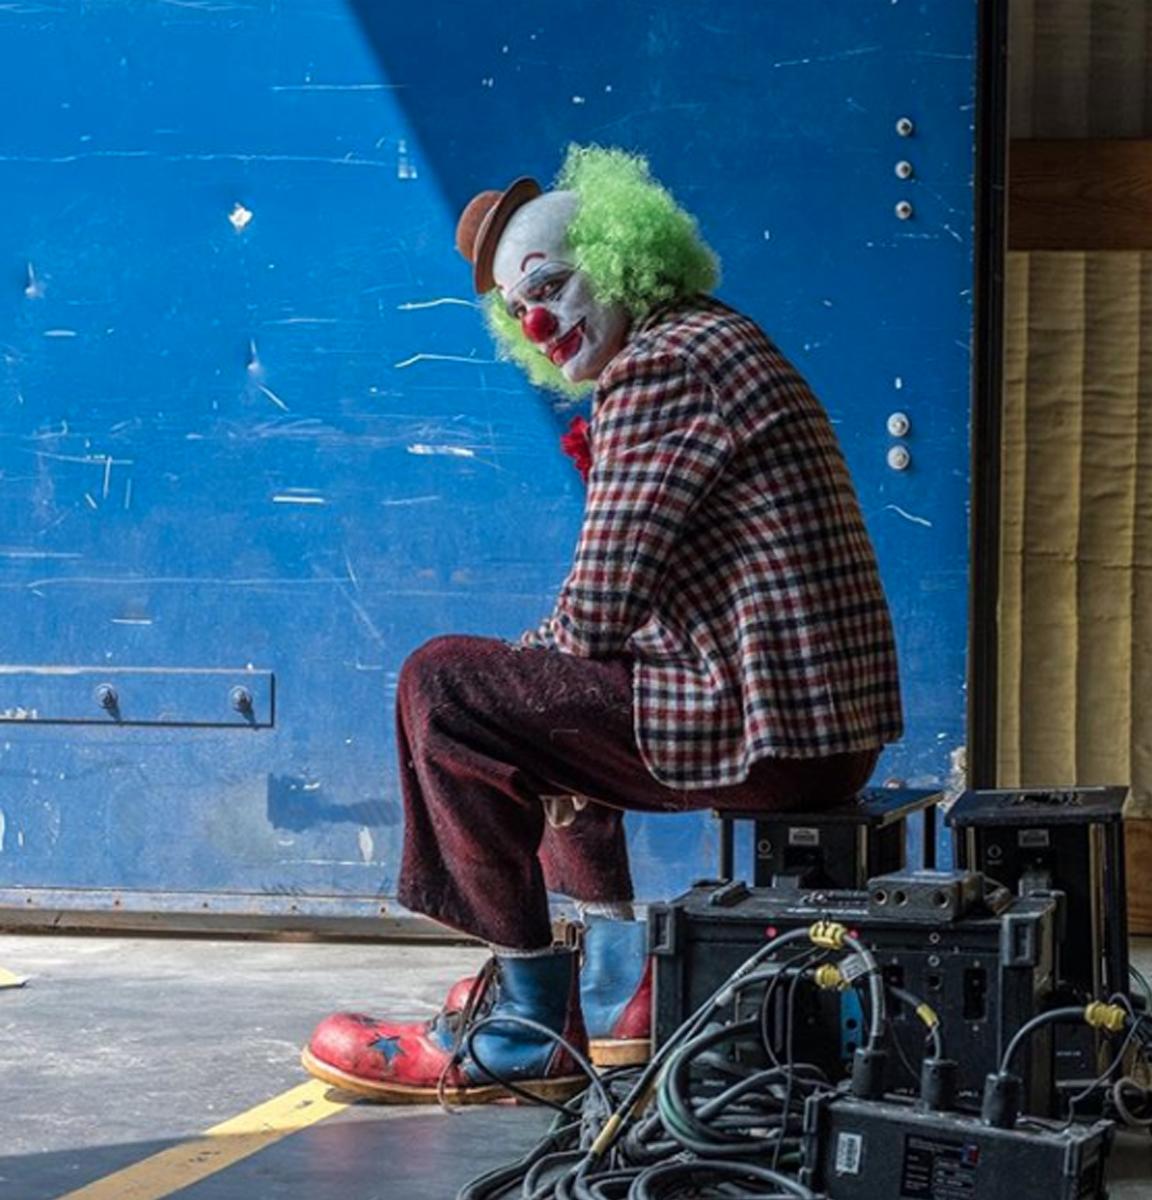 (Fotos) El Joker de Joaquin Phoenix será una mezcla de Pennywise y Brozo